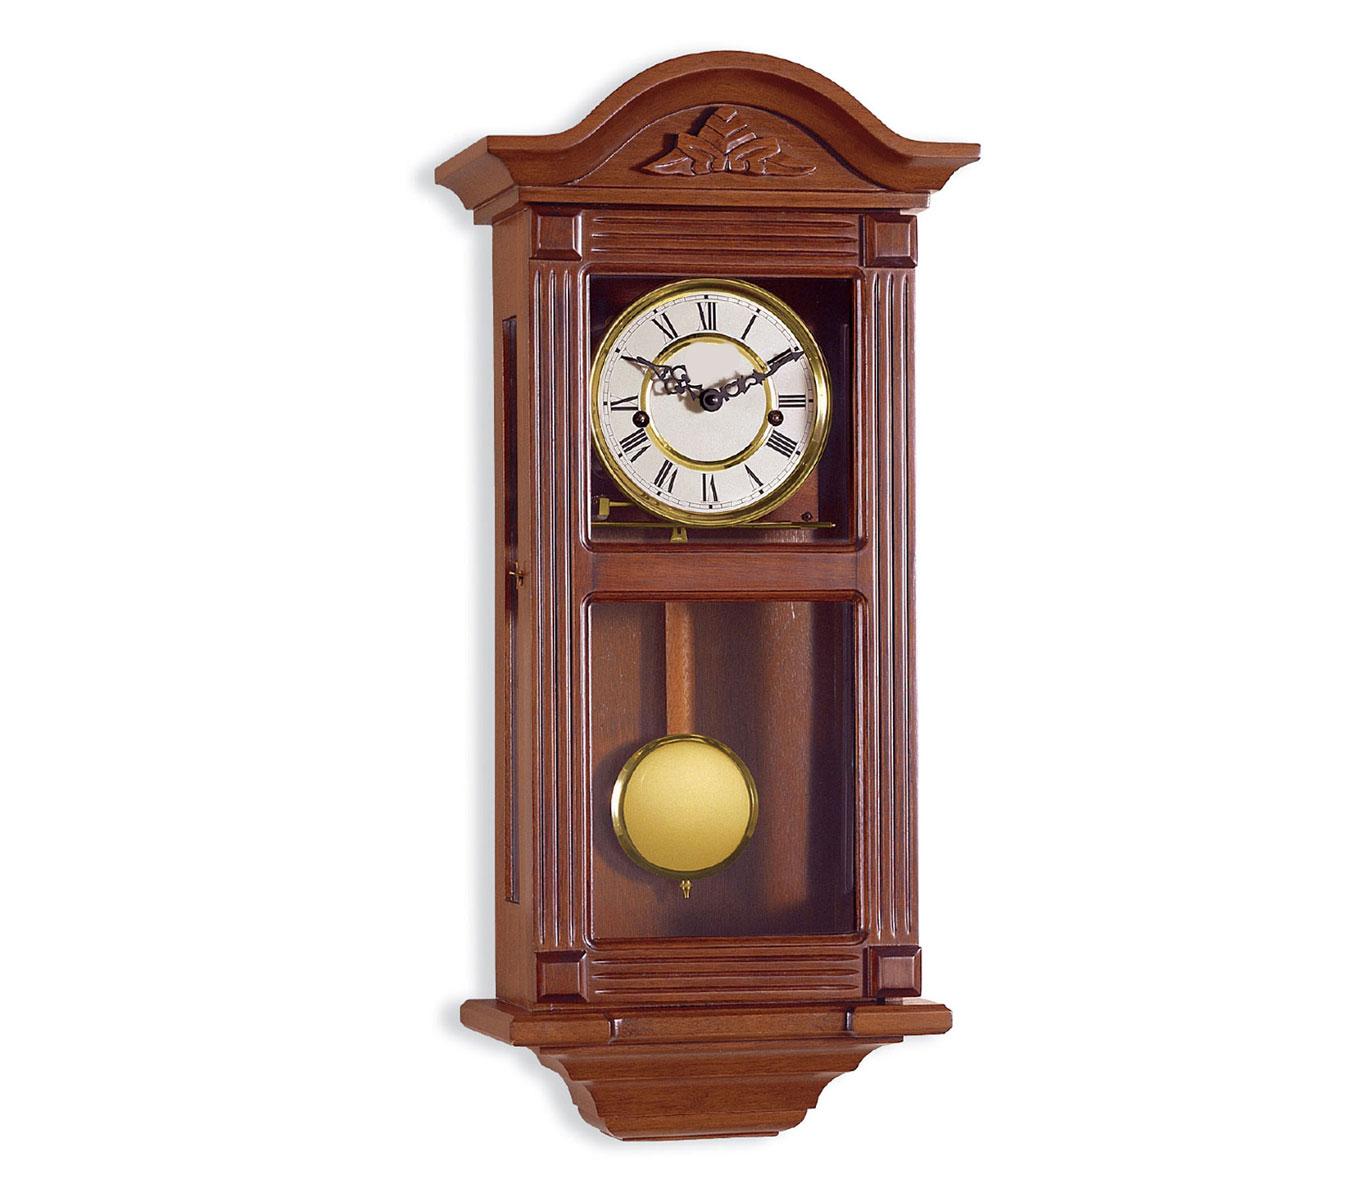 Reloj de pendulo de pared reloj con carrillon maquinaria - Relojes de pared ...